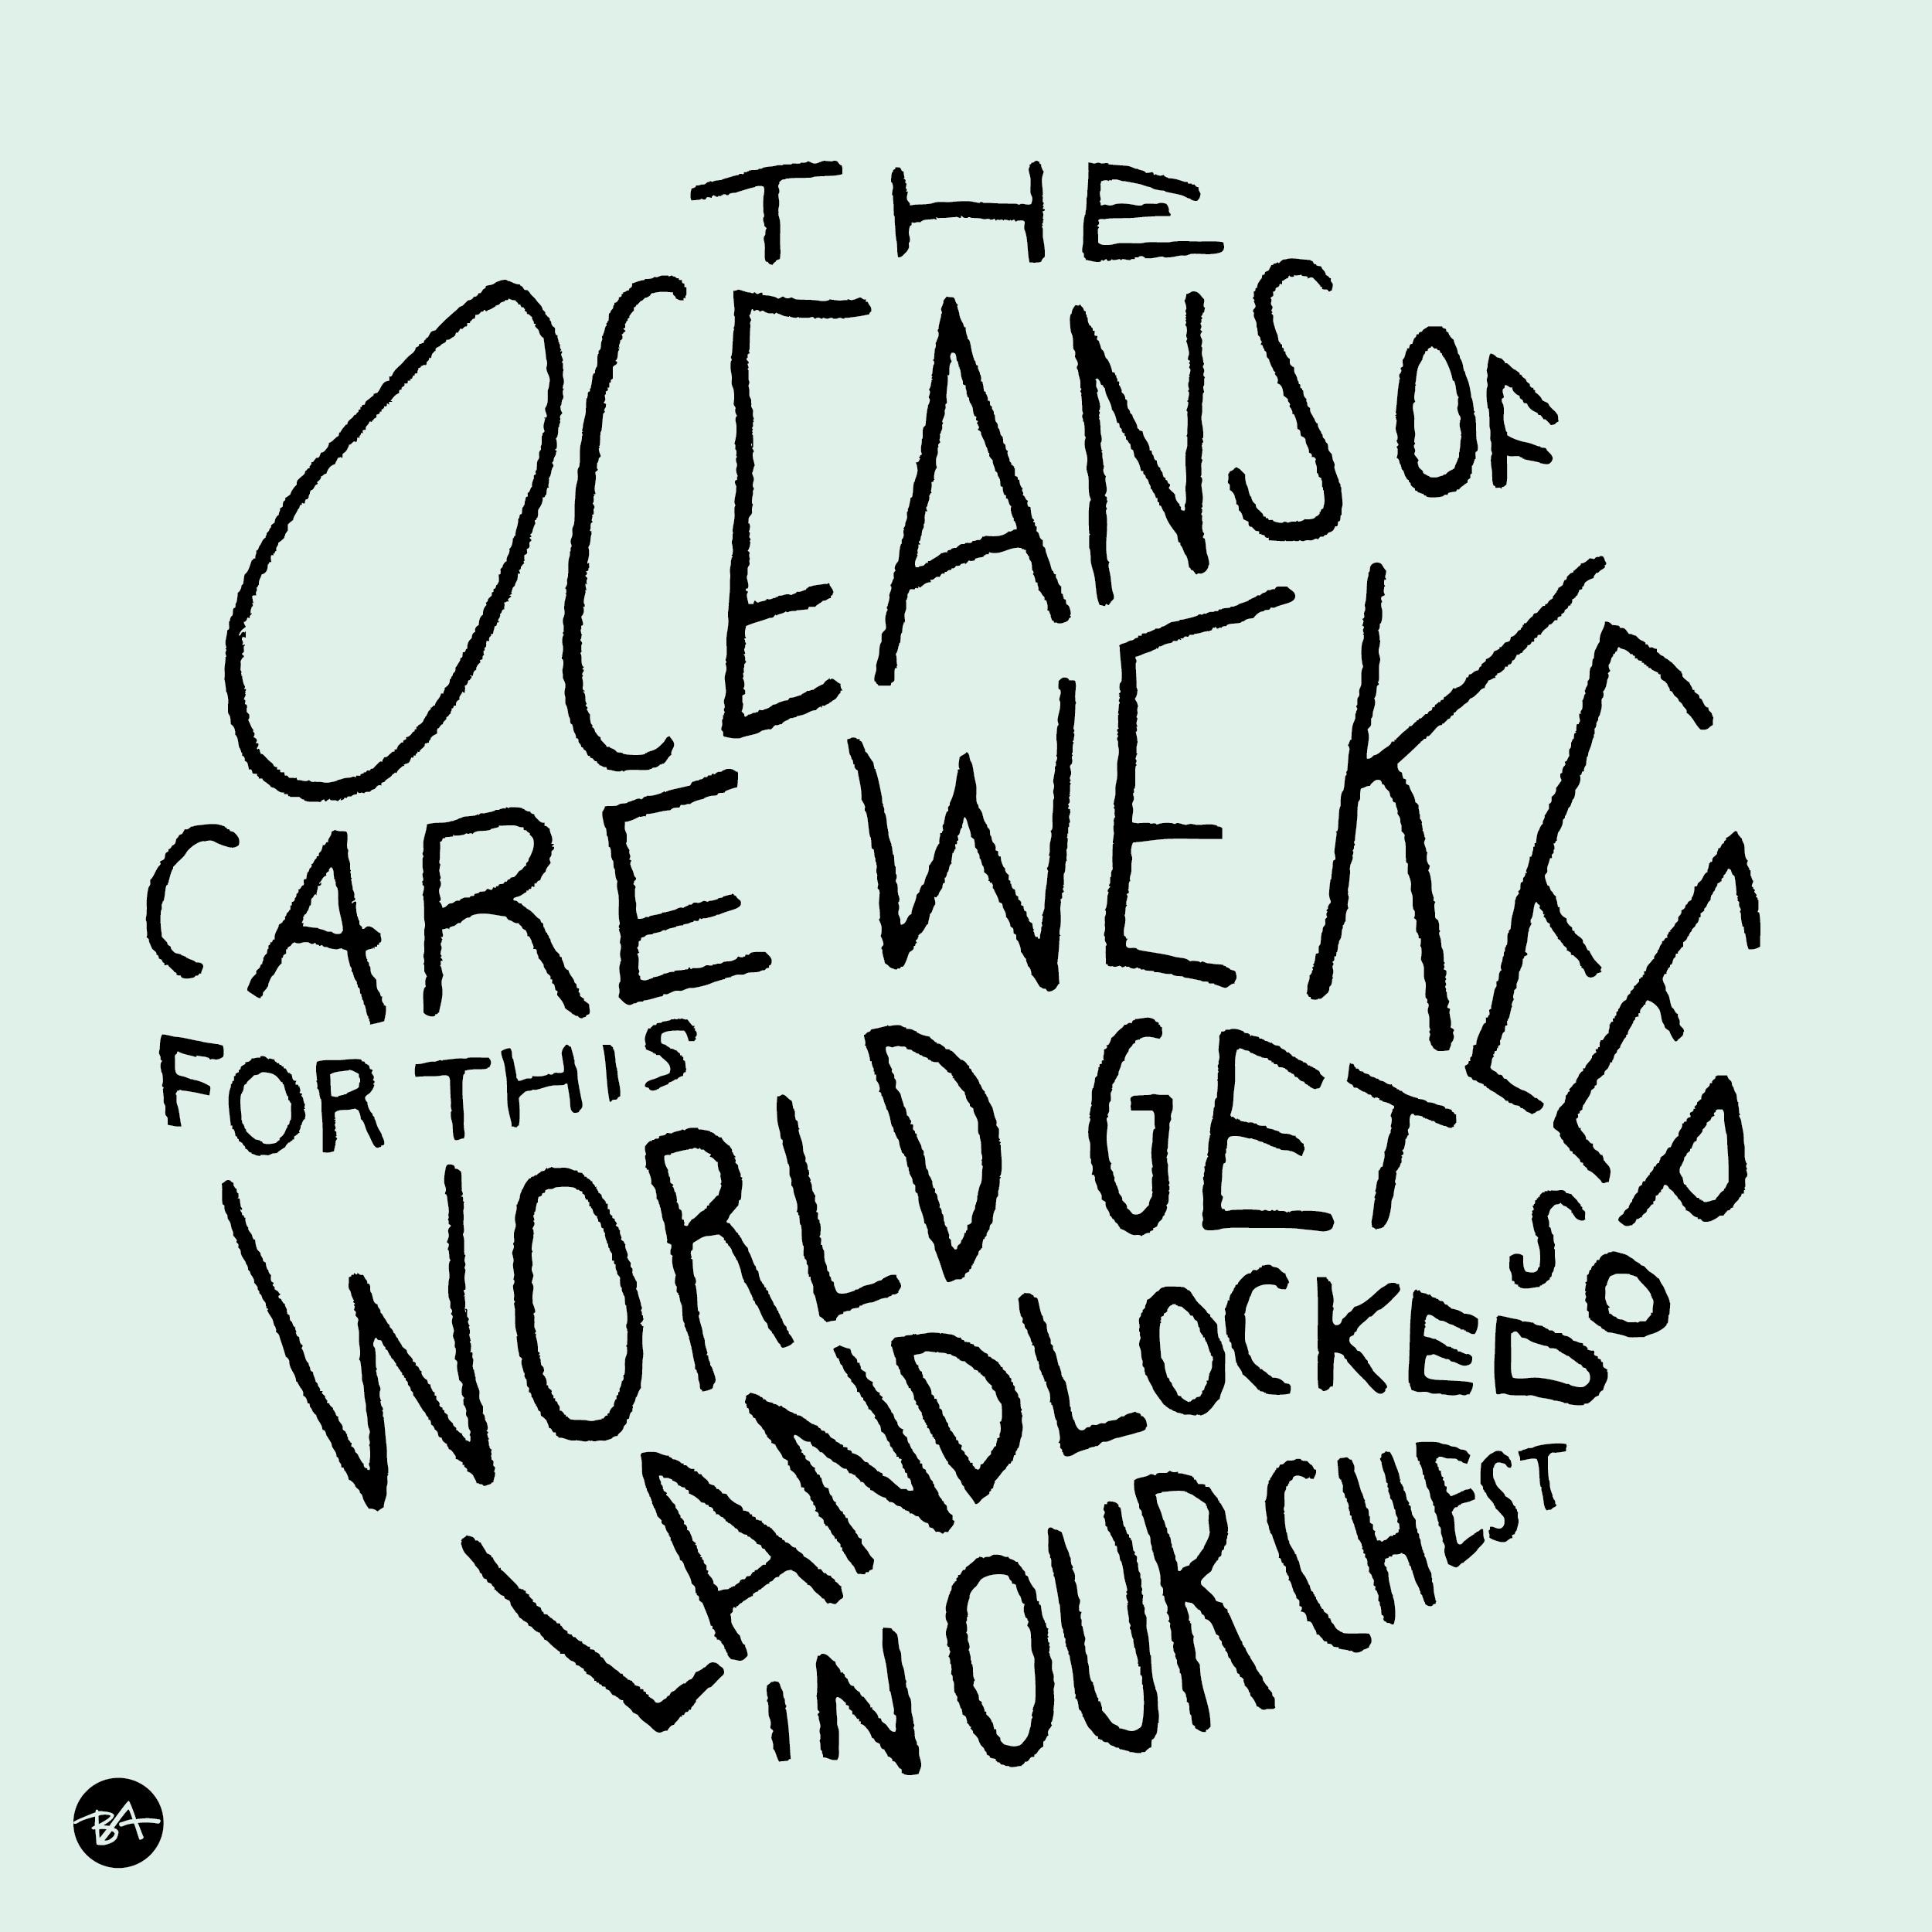 oceans_of_care_lettering.jpg